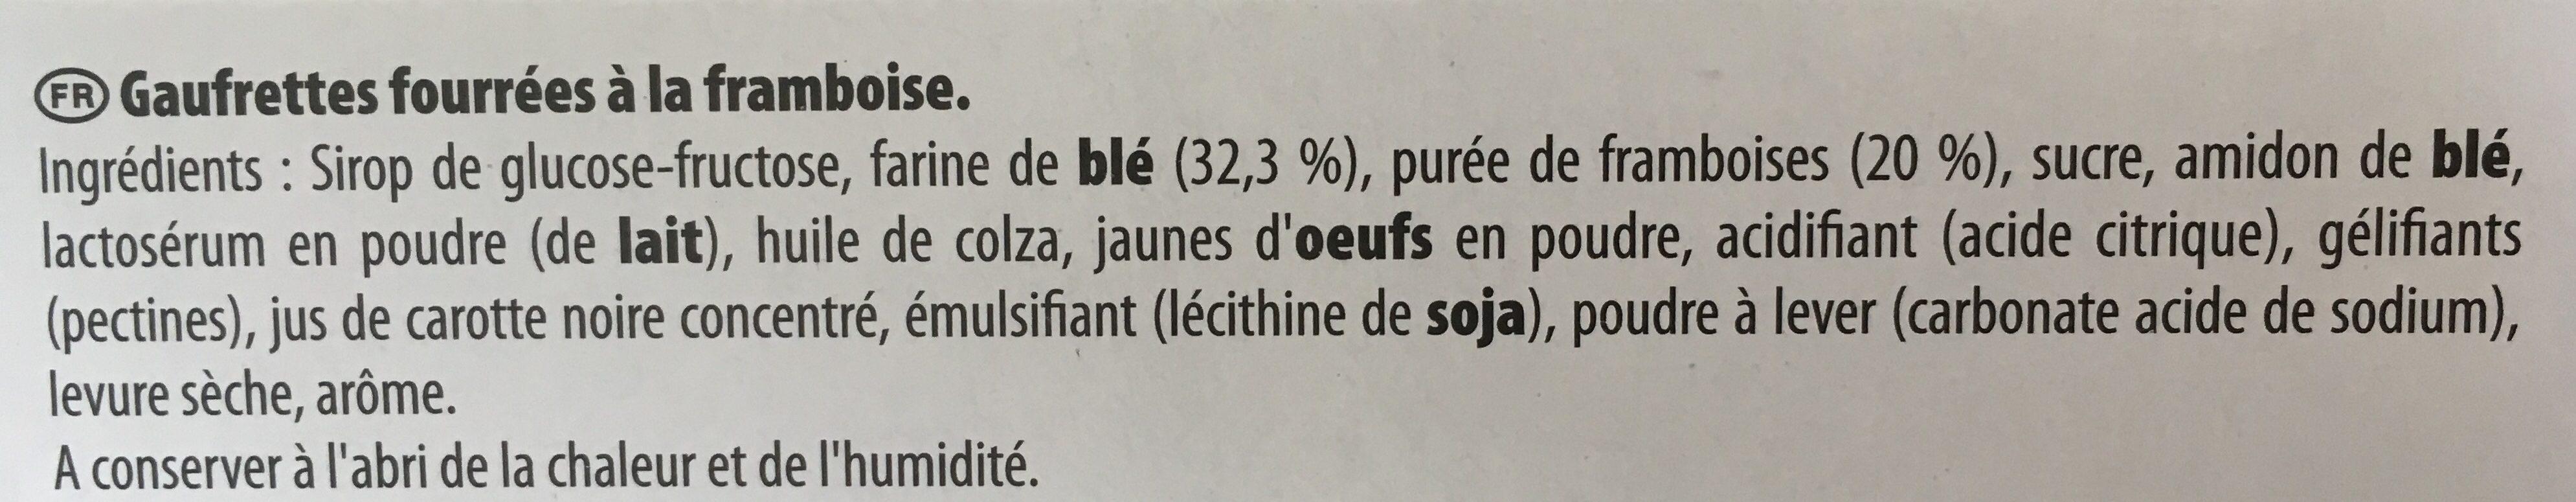 La paille d 39 or aux framboises lu 340 g - Acide citrique leclerc ...